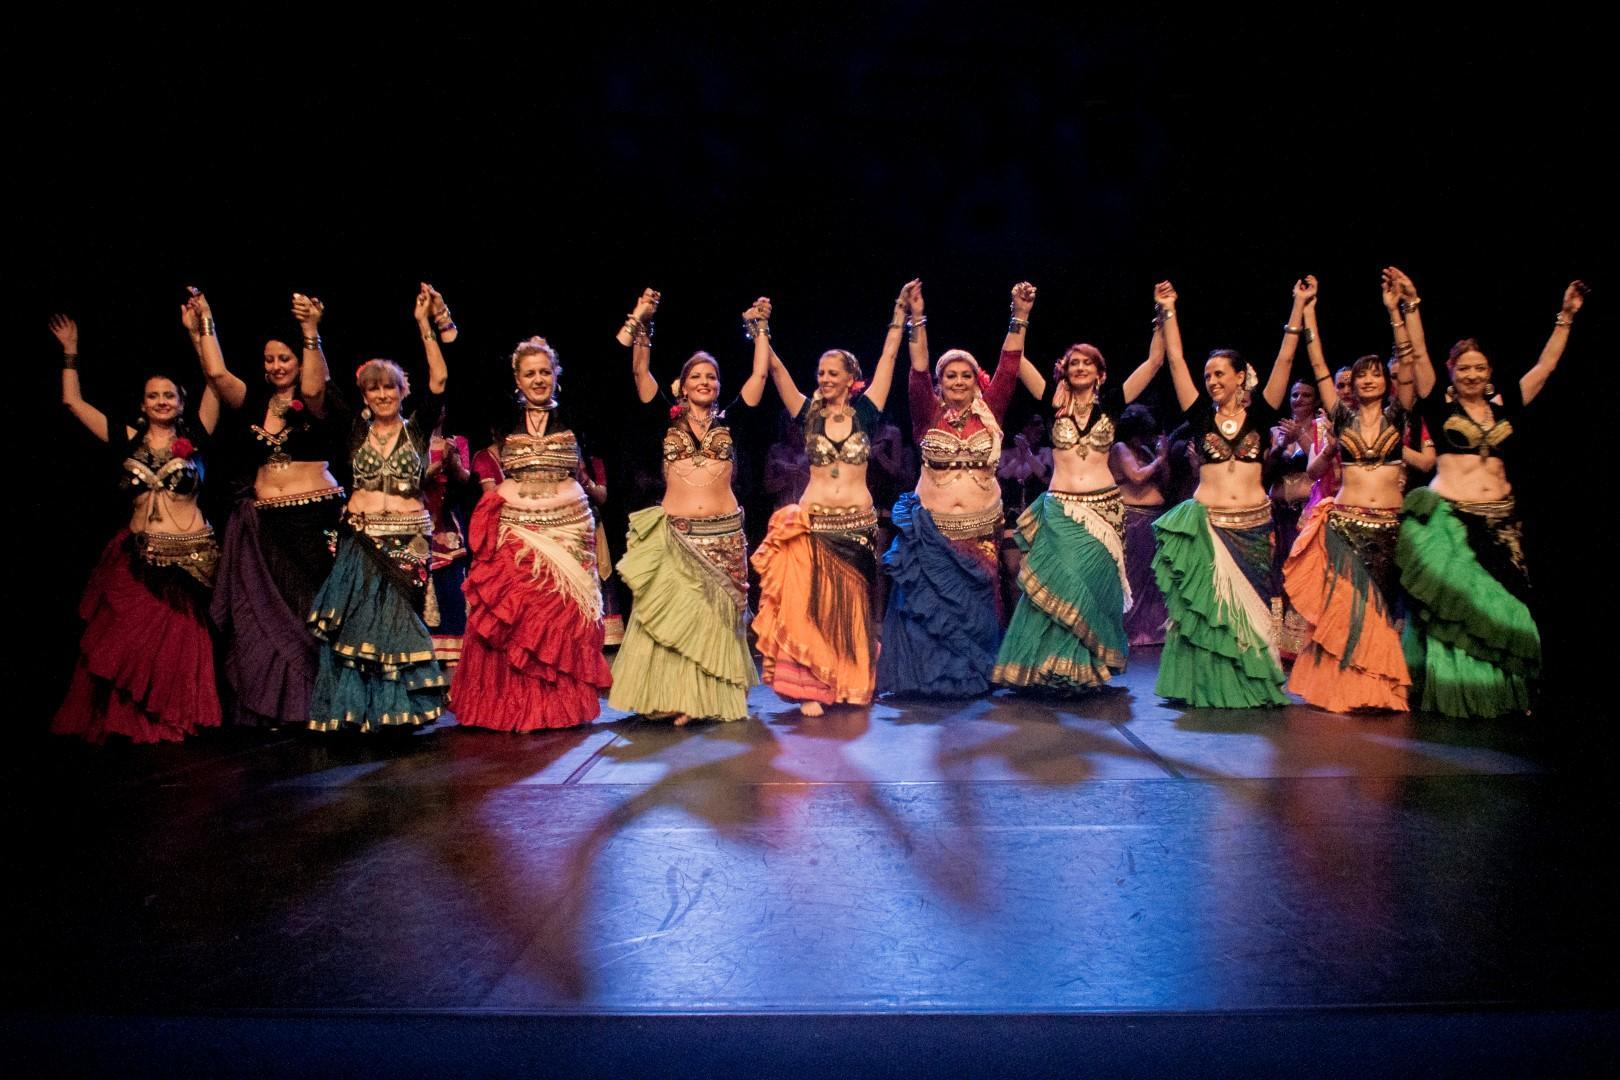 Tendenze danza: in forme e più felice con i nuovi balli